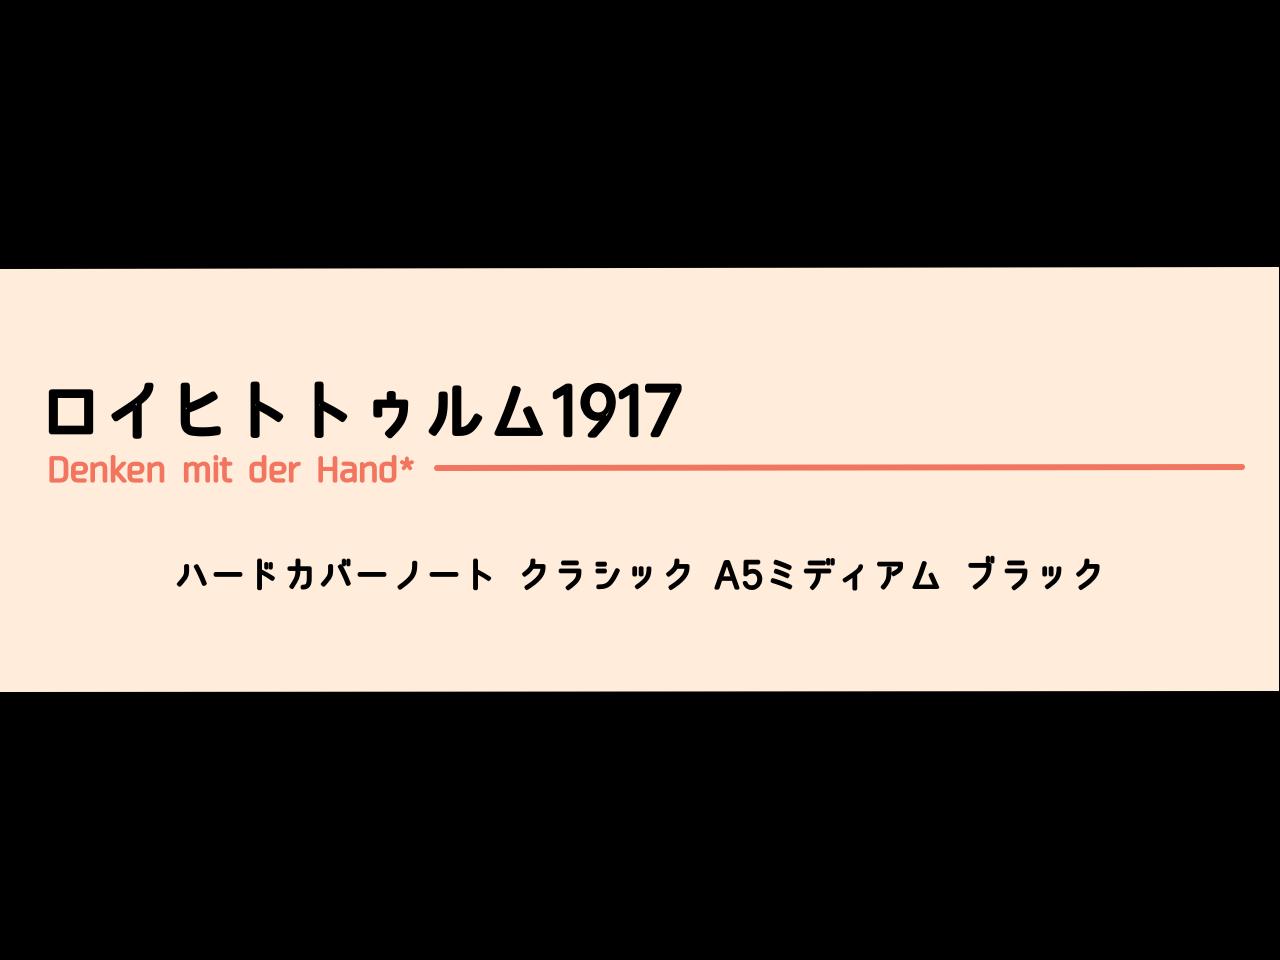 ロイヒトトゥルム1917 ハードカバーノート クラシック A5ミディアム ブラック